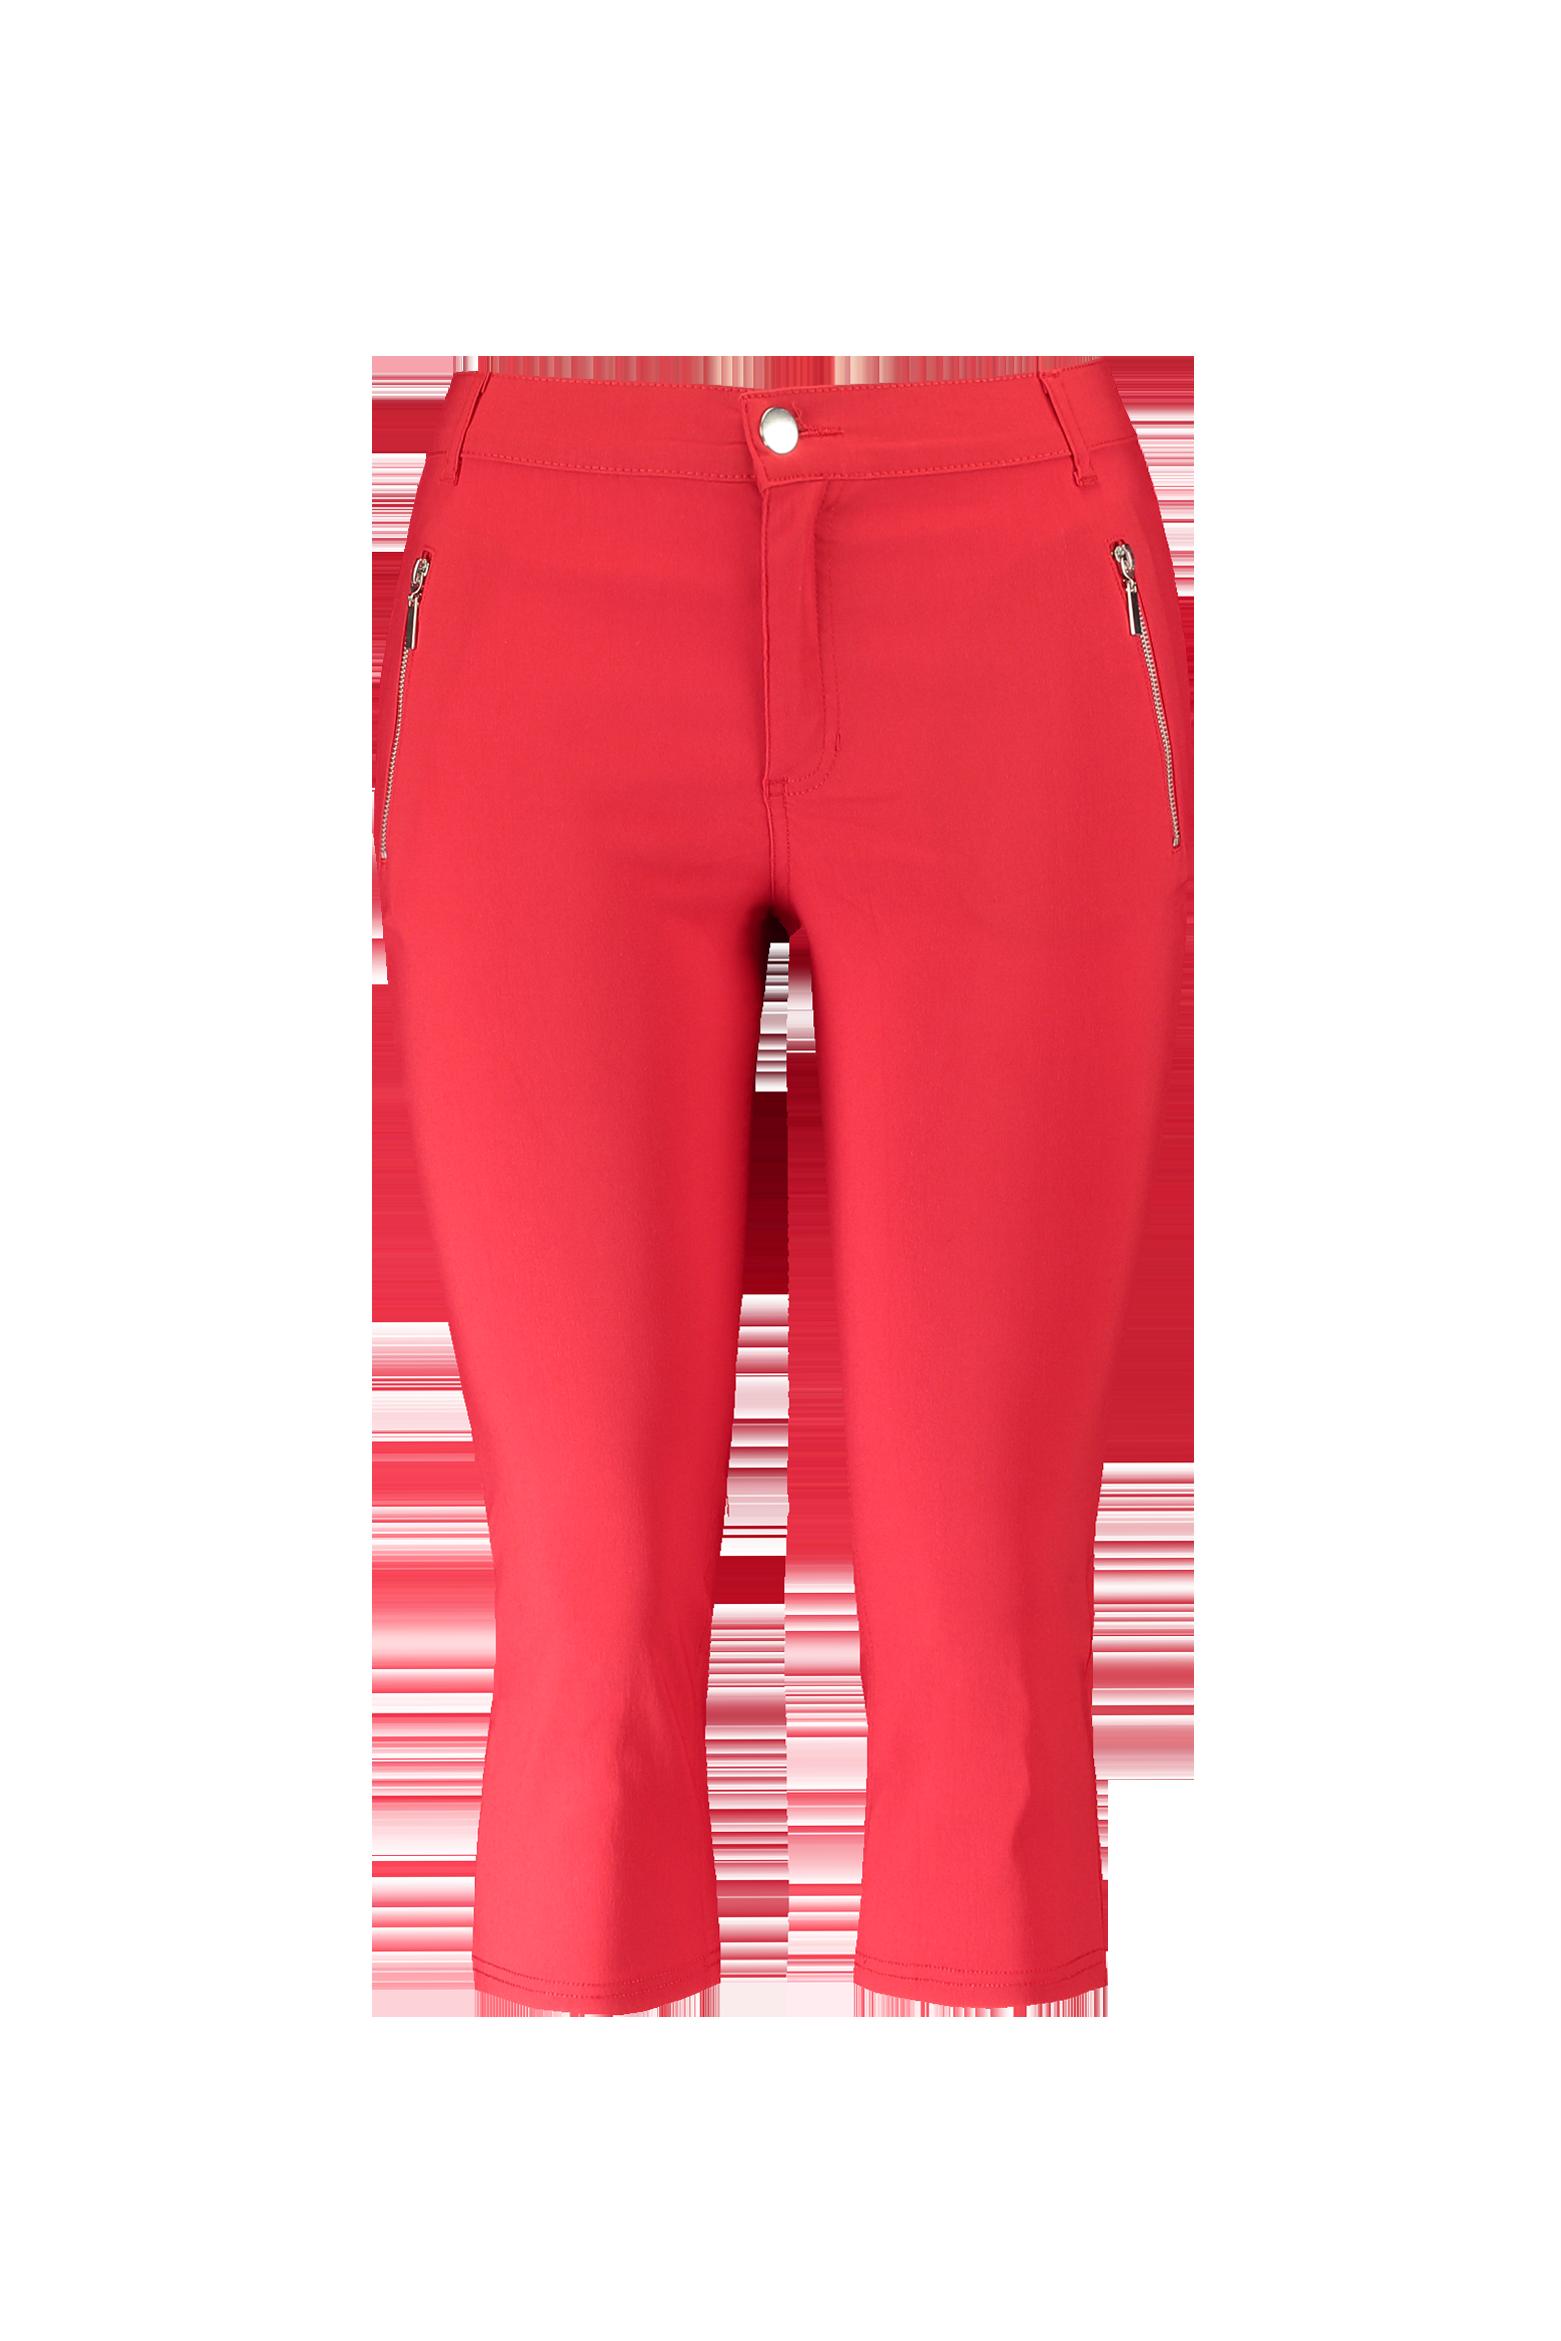 Afbeelding van MS Mode Broeken, Rood